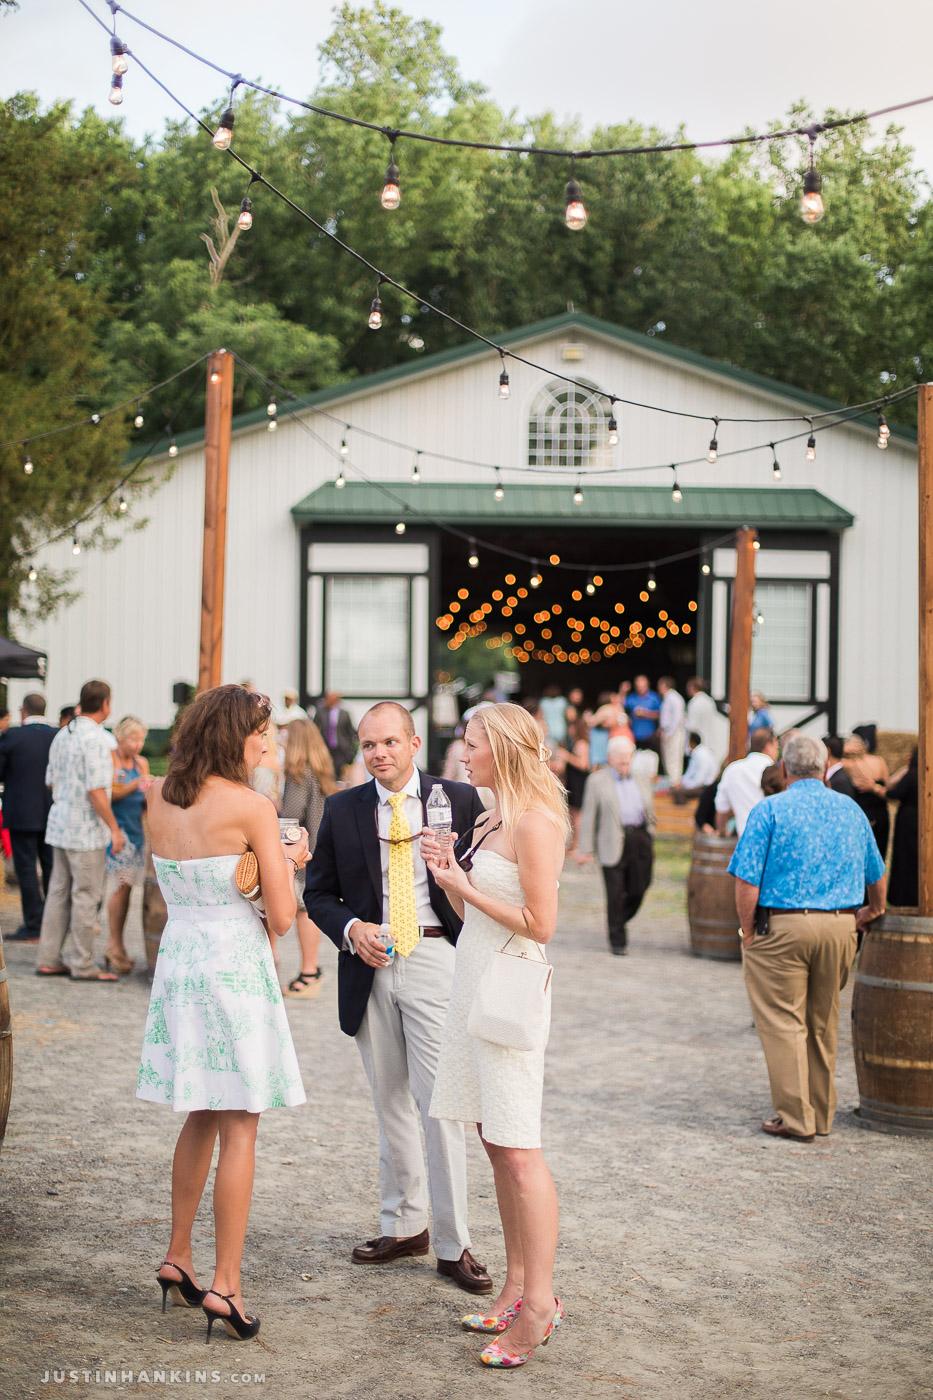 Rustic Chic Barn Wedding in Pungo, Virginia Beach ...